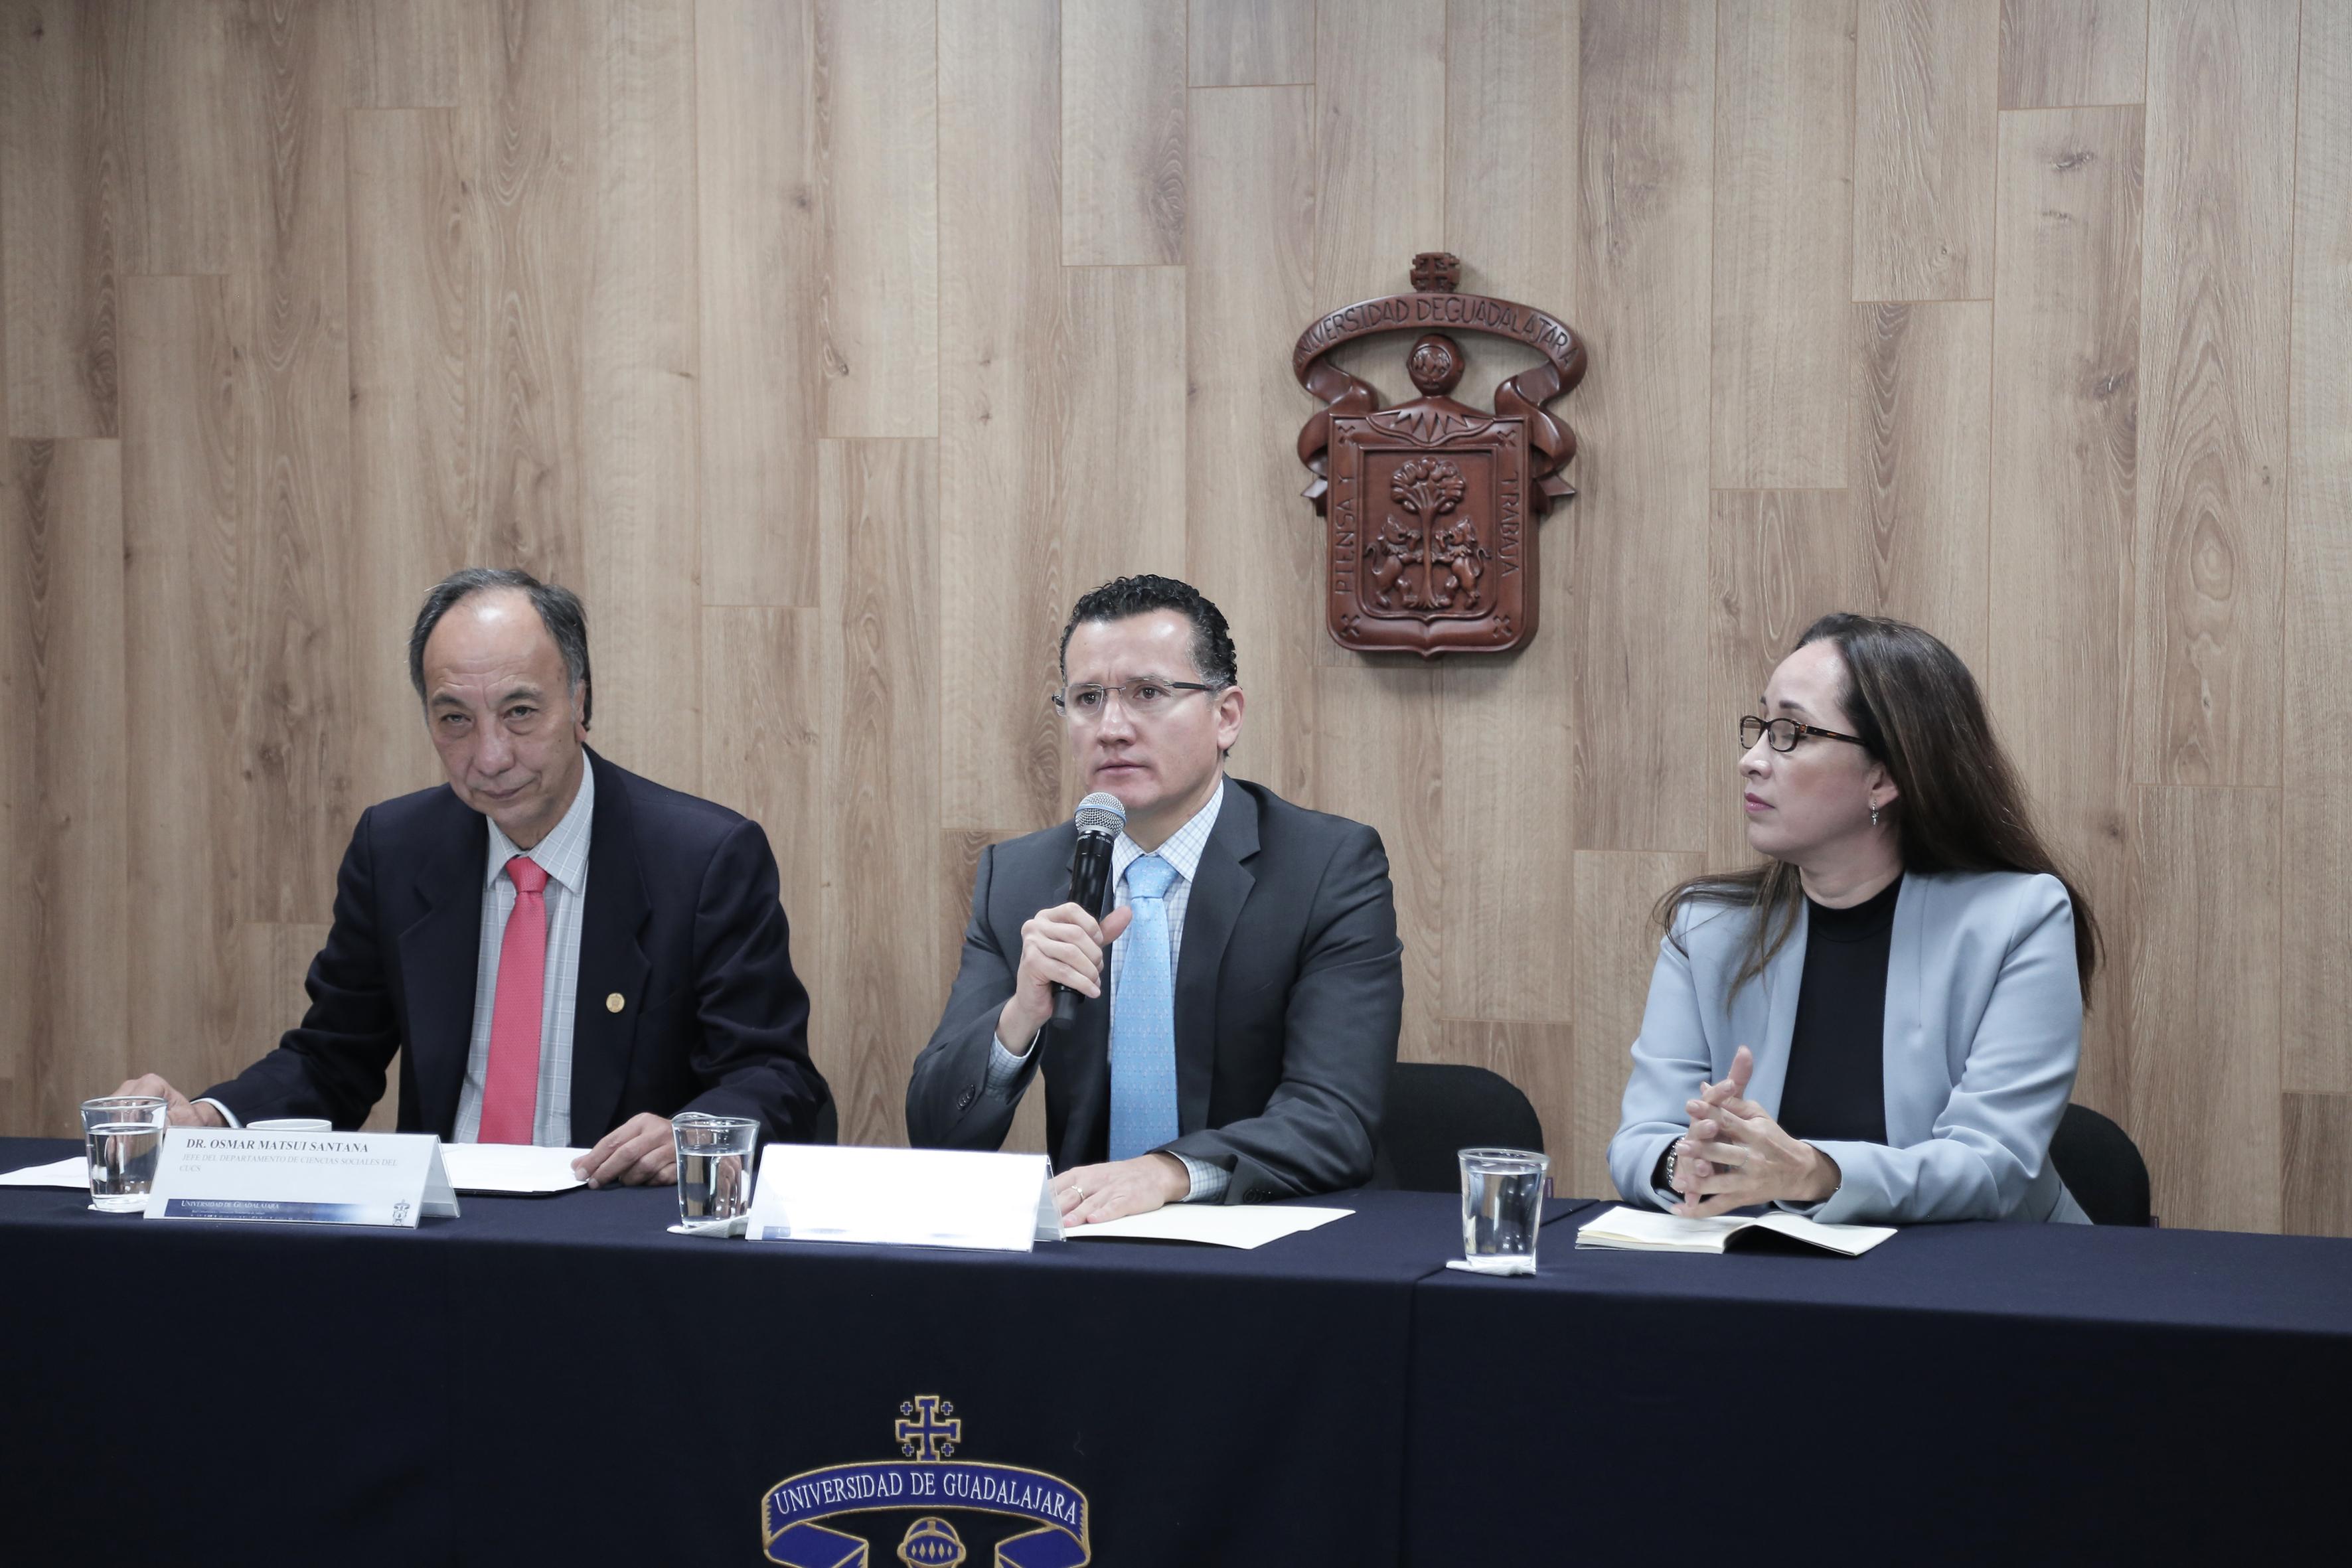 Miembros del presídium. Al micrófono el Dr. Eduardo Gómez